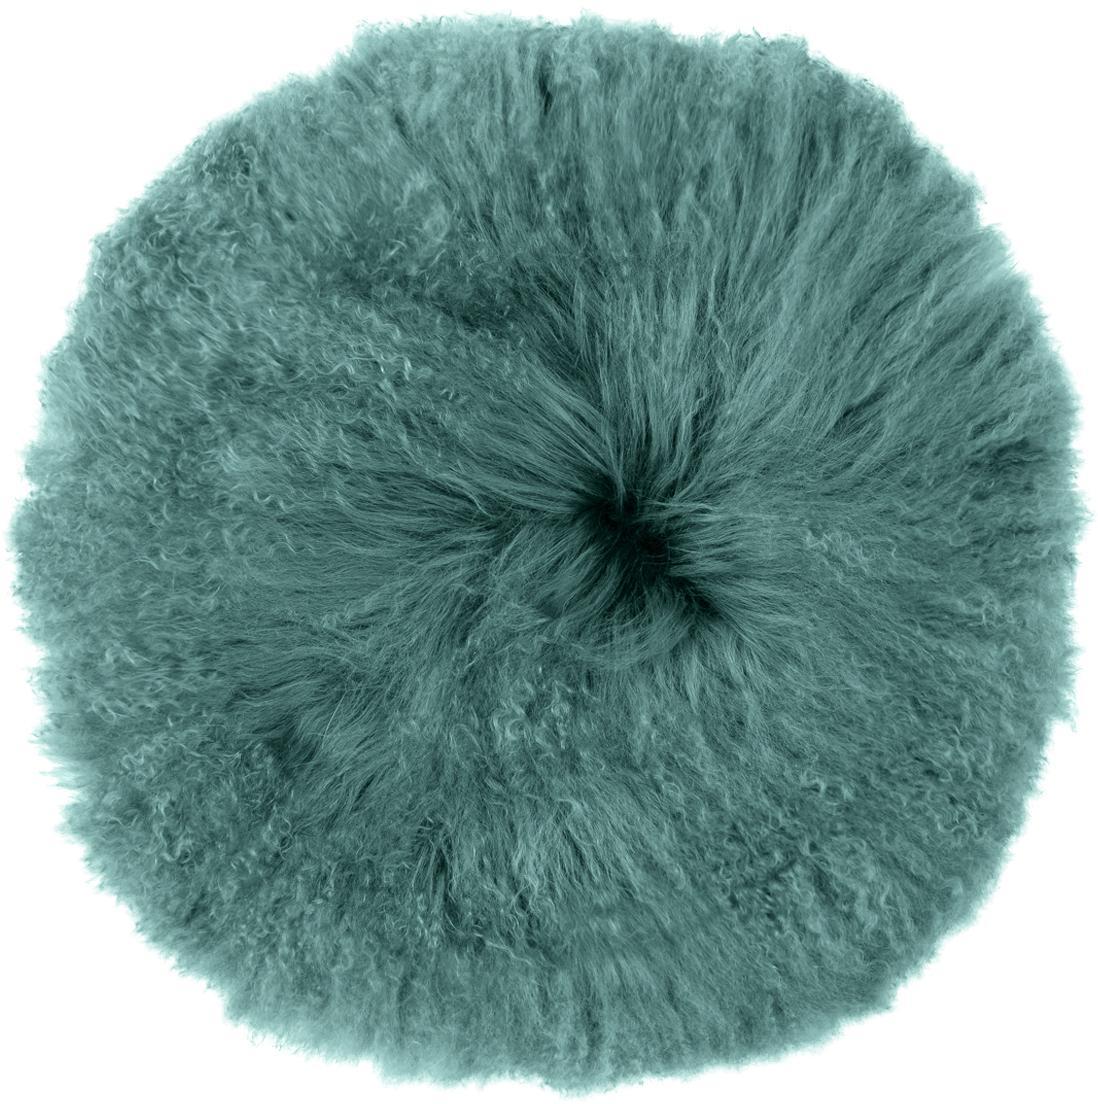 Federa arredo sedia in pelliccia di agnello a pelo lungo Ella, Retro: 100% poliestere, Turchese scuro, Ø 37 cm